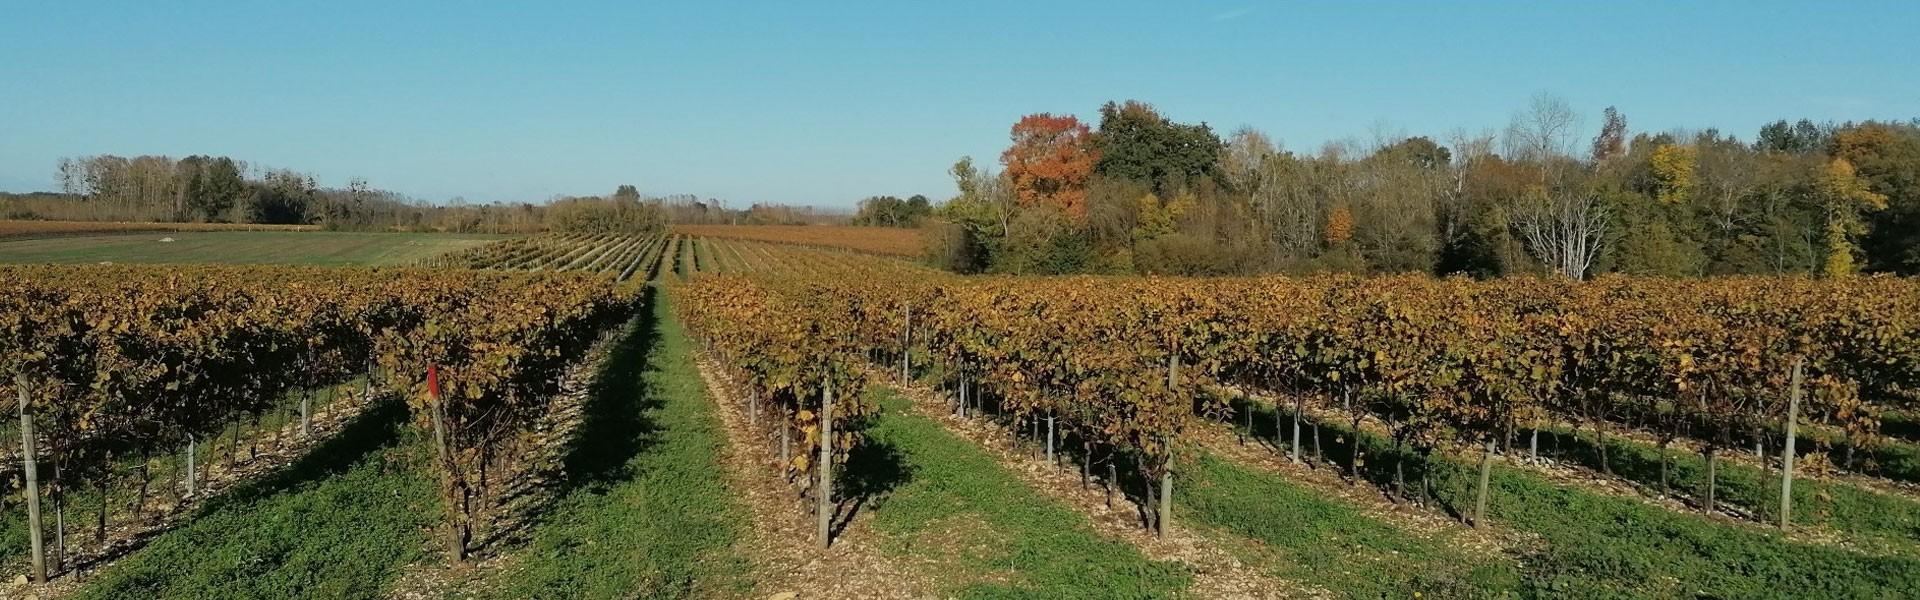 Vignes et soleil automnale